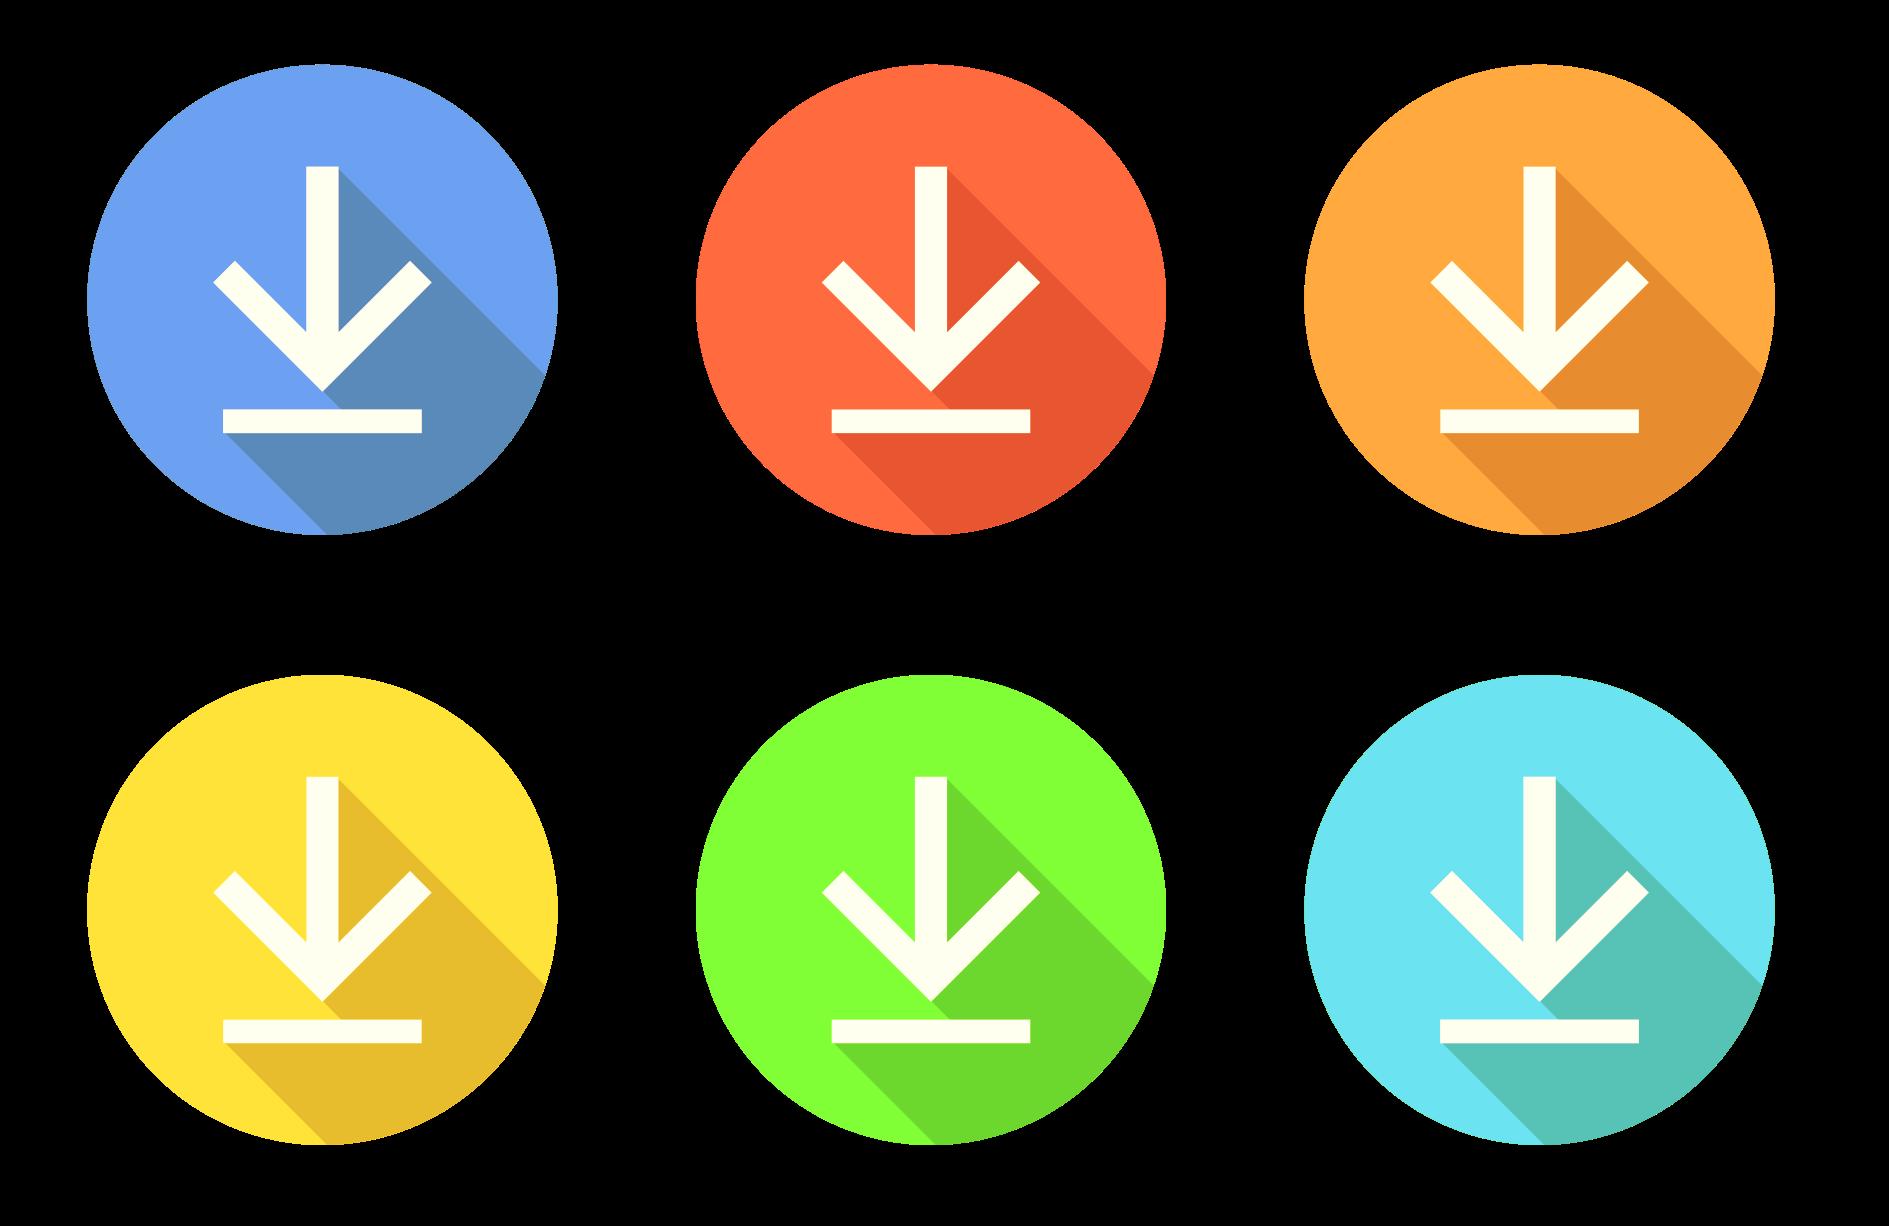 Iconos de descargas de varios colores